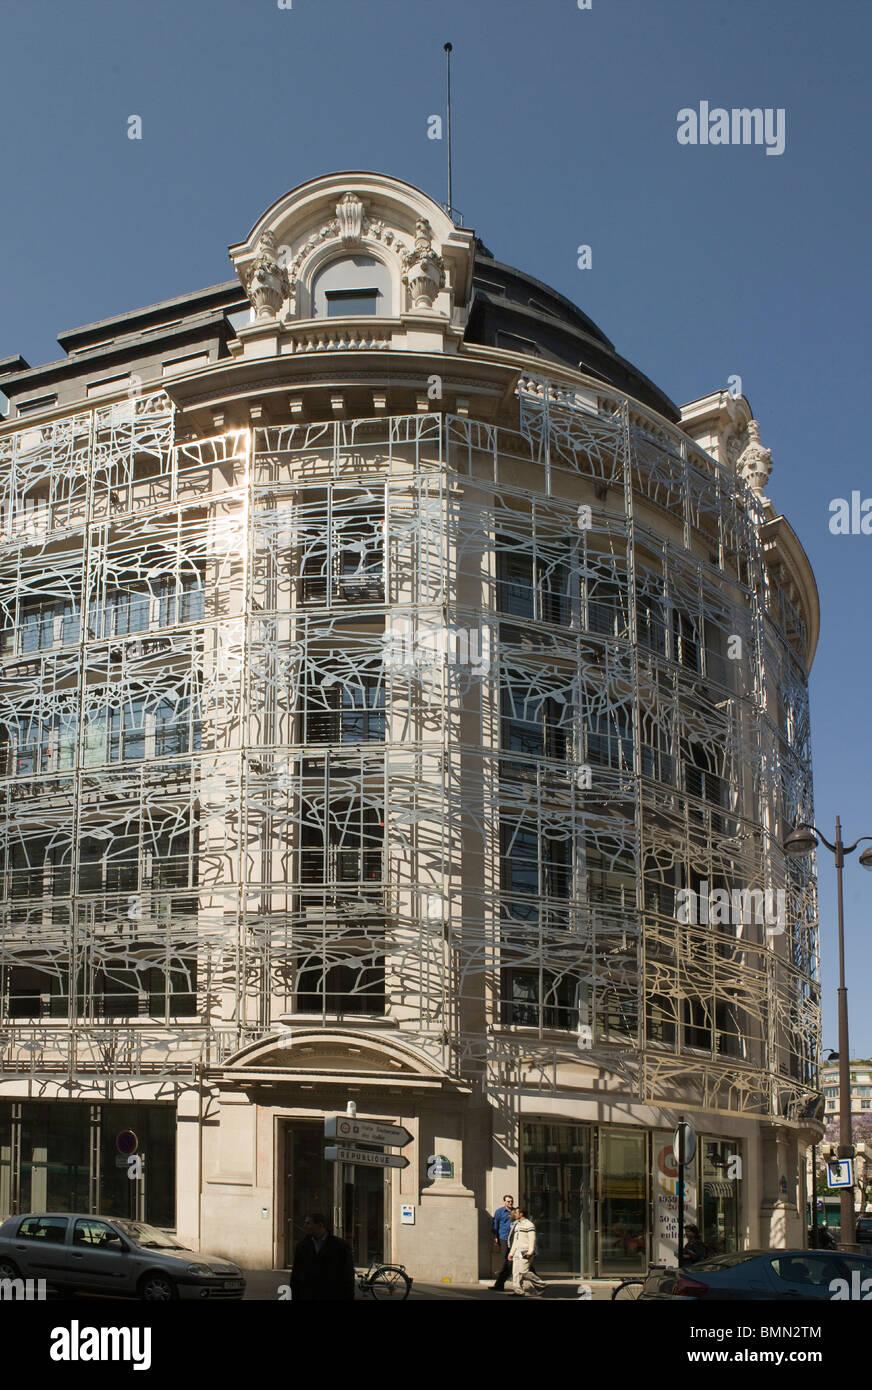 Ministerium für Kultur, Paris, Frankreich. Früher aus Stein Gebäude eingehüllt in ein filigranes Stockbild